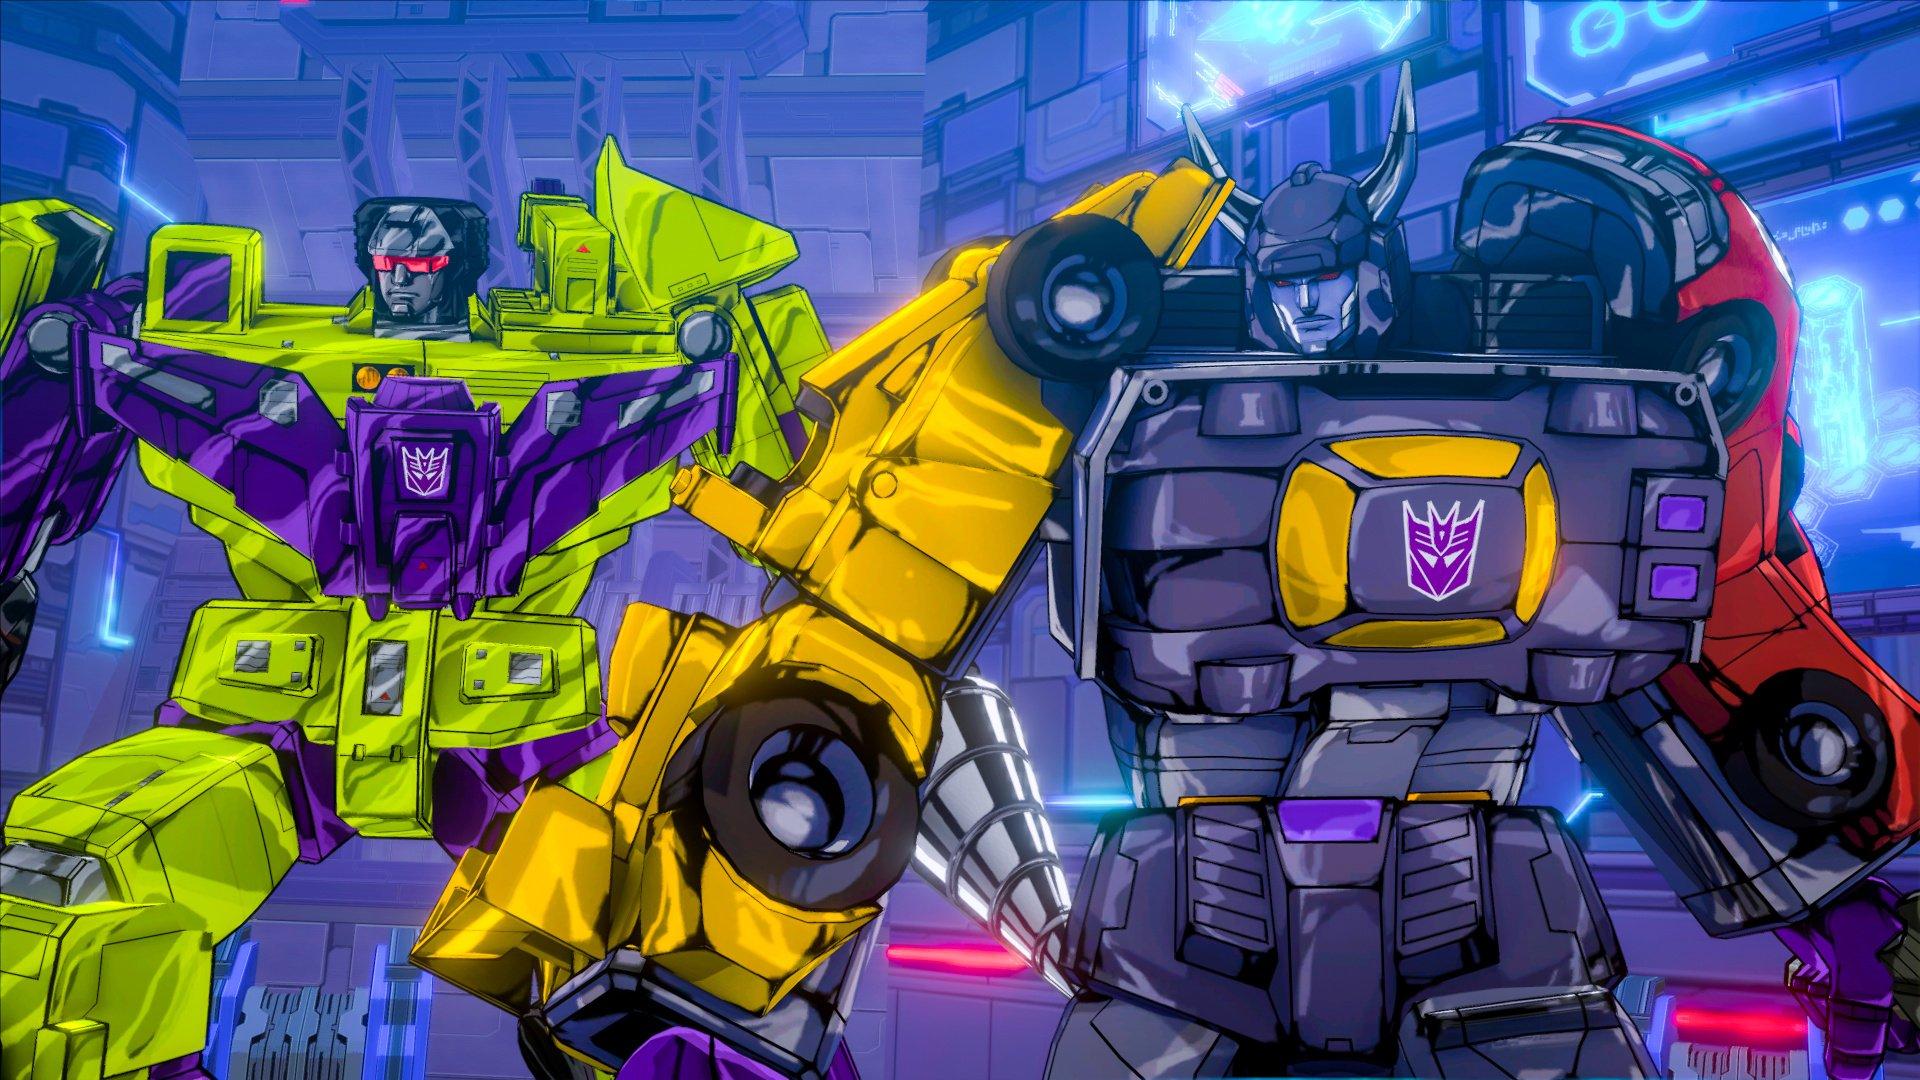 transformers_devastation-3210892.jpg